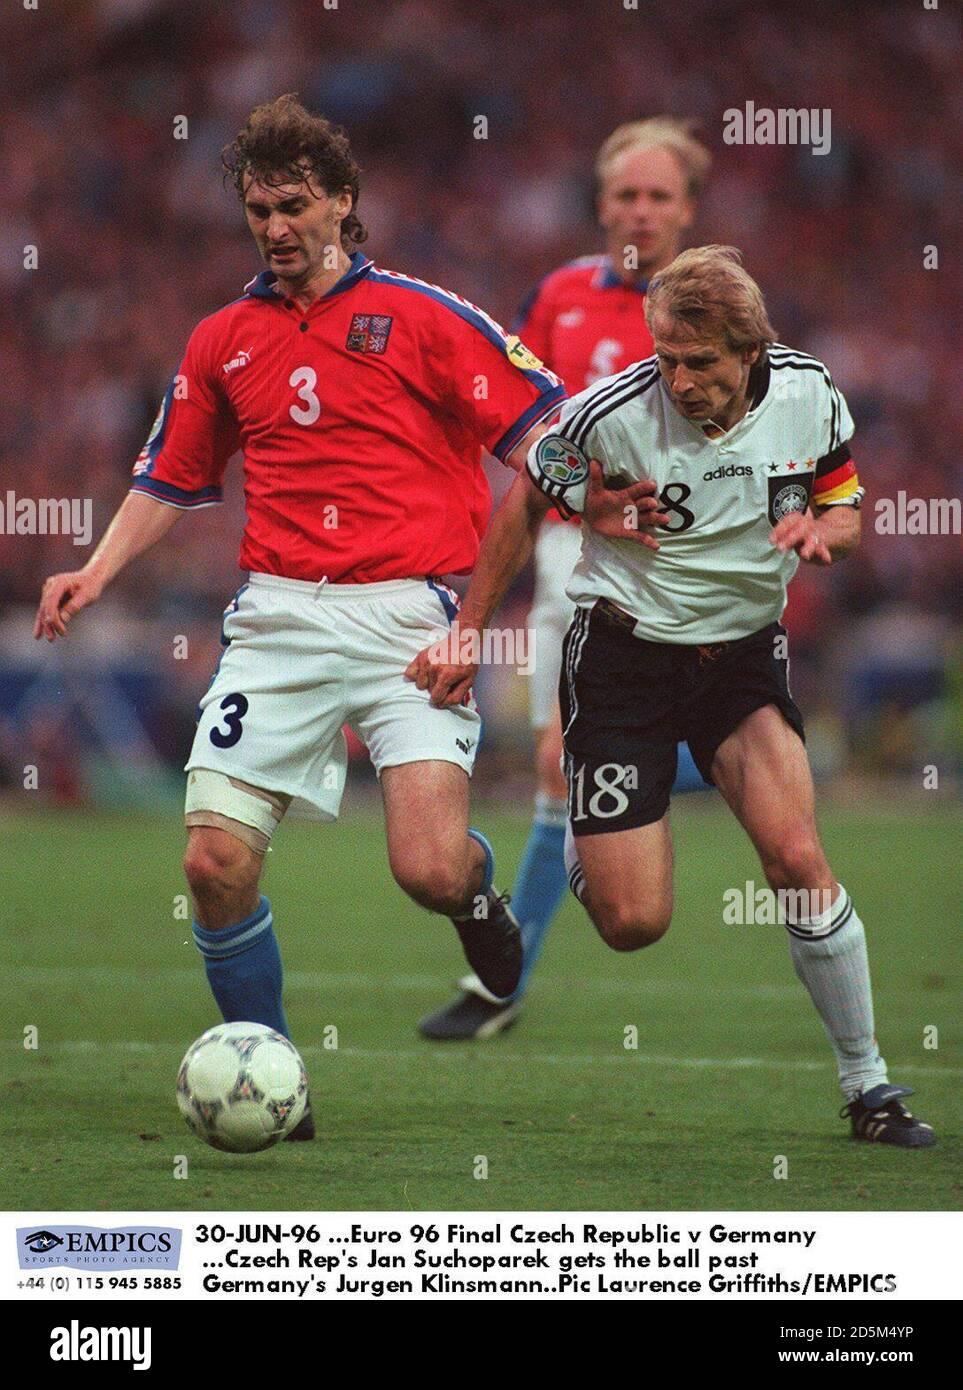 Czech Rep's Jan Suchoparek gets the ball past Germany's Jurgen Klinsmann Stock Photo